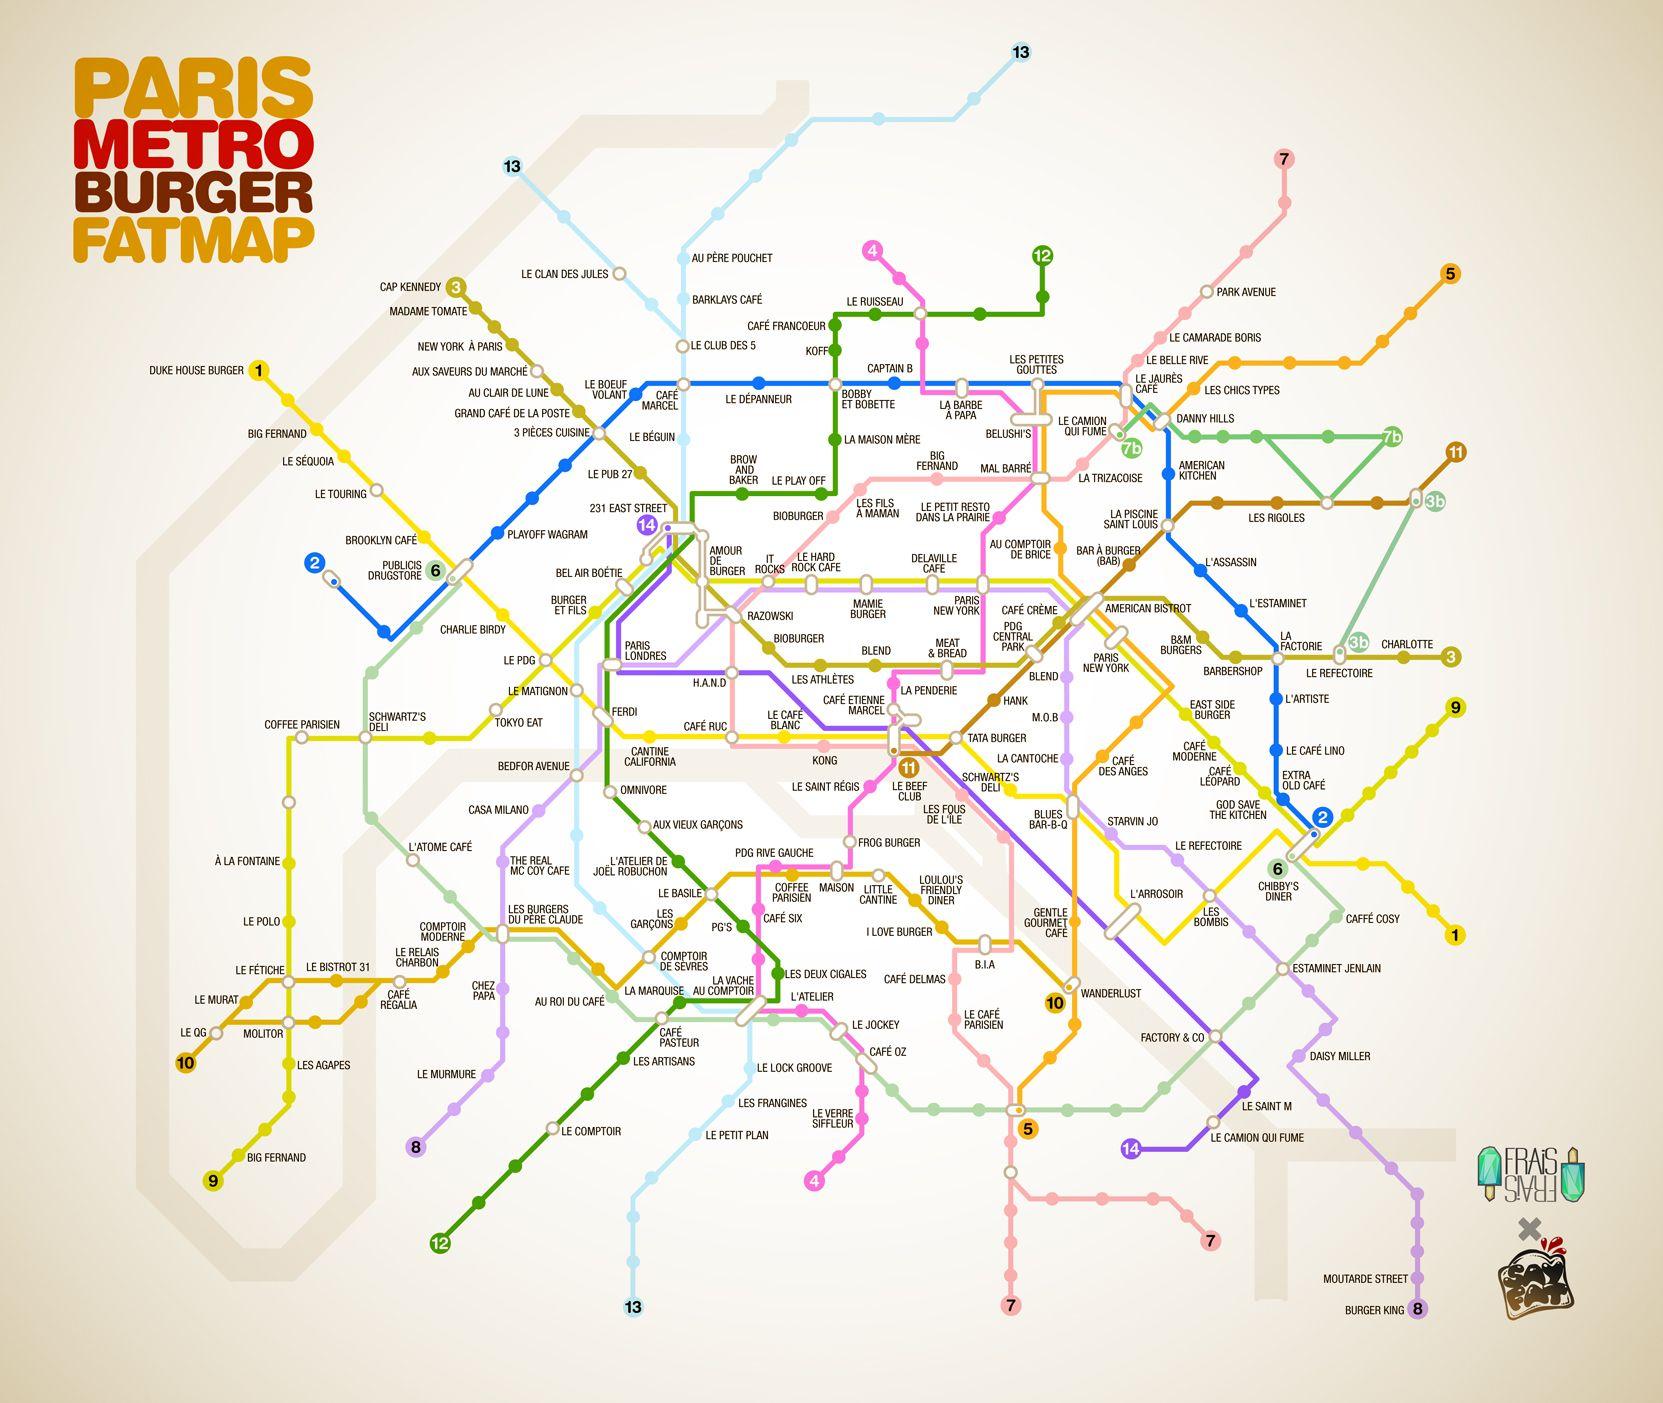 Le plan de métro des meilleurs burgers de Paris | Paris metro